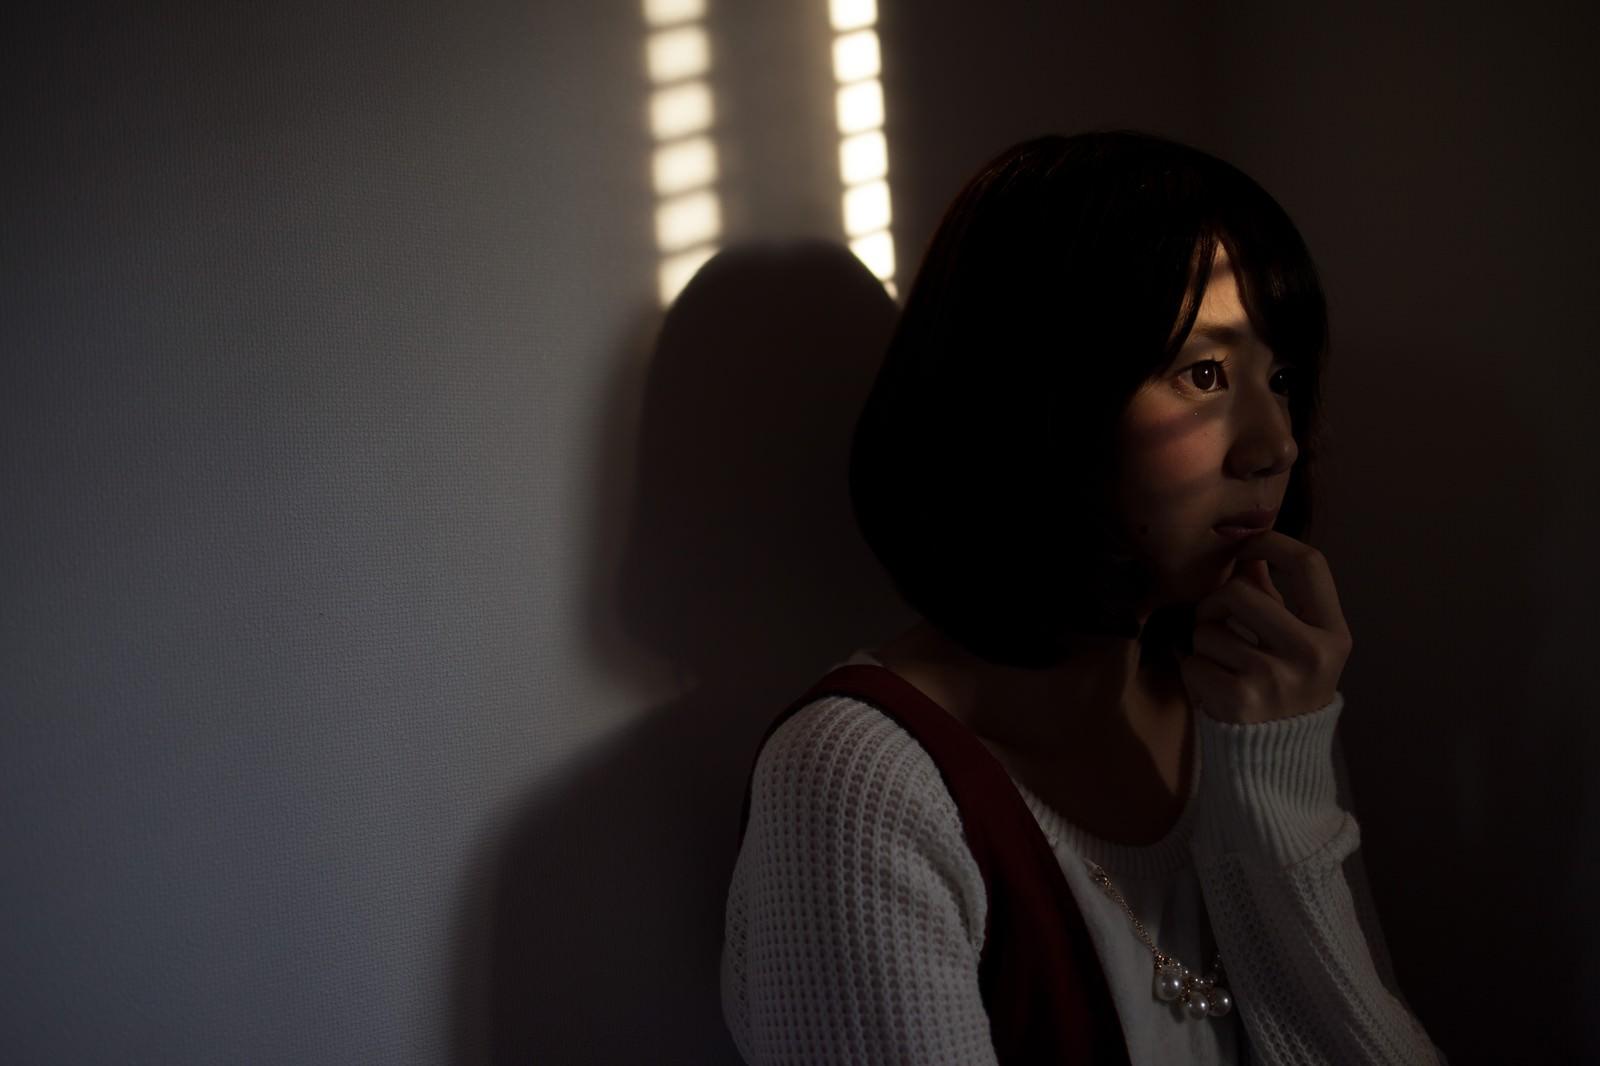 「夕暮れ時に犯行現場を目撃してしまう女性」の写真[モデル:みき。]